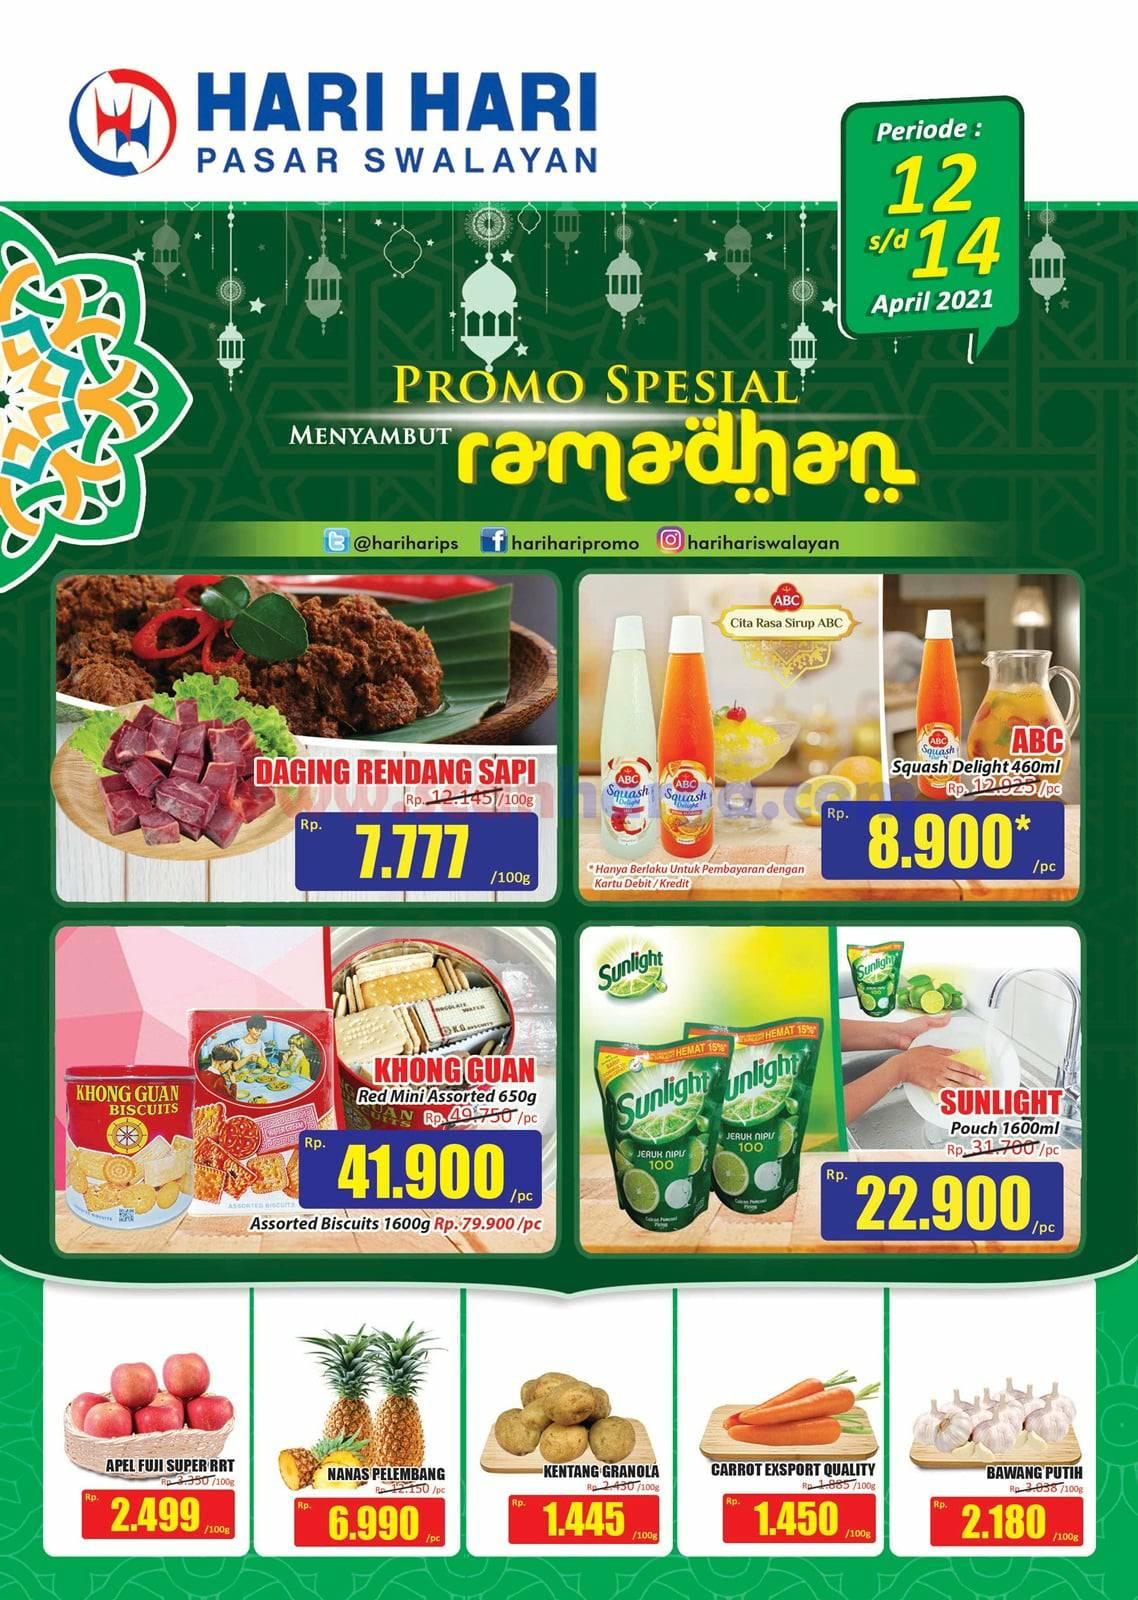 Promo Hari Hari Pasar Swalayan Spesial Ramadhan Periode 12-14 April 2021